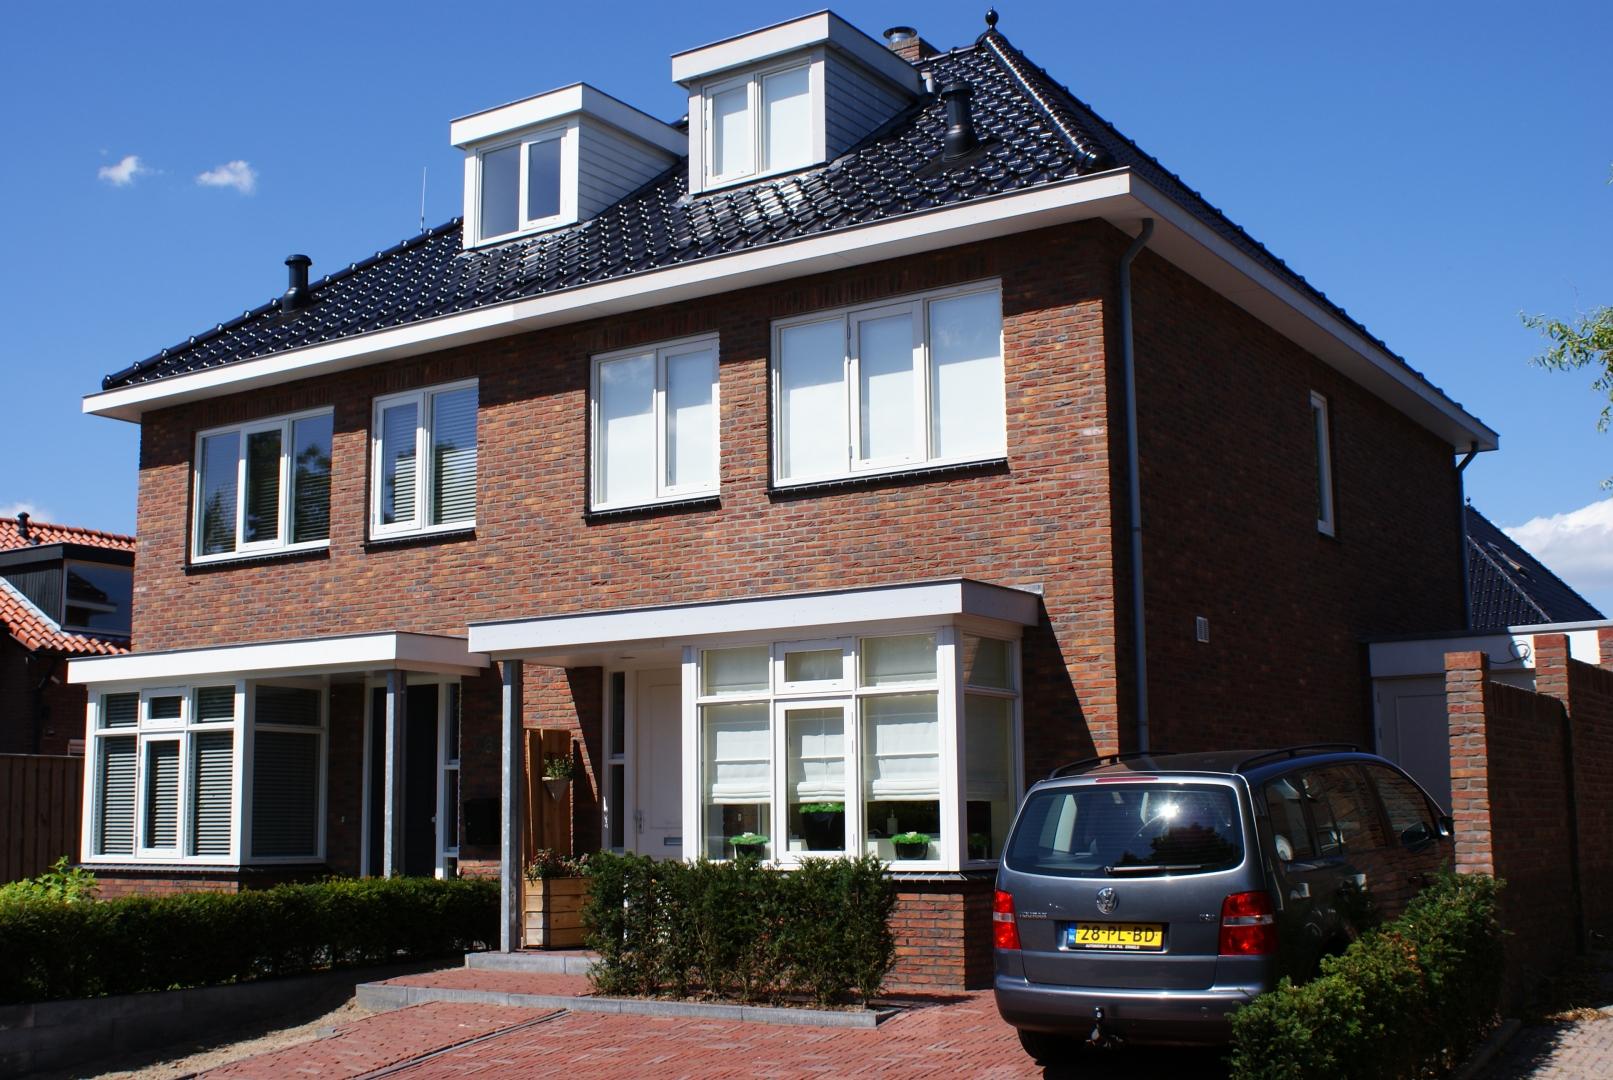 Bouw van prachtige dubbele woning met garage aan de Hamburgerweg in Ermelo